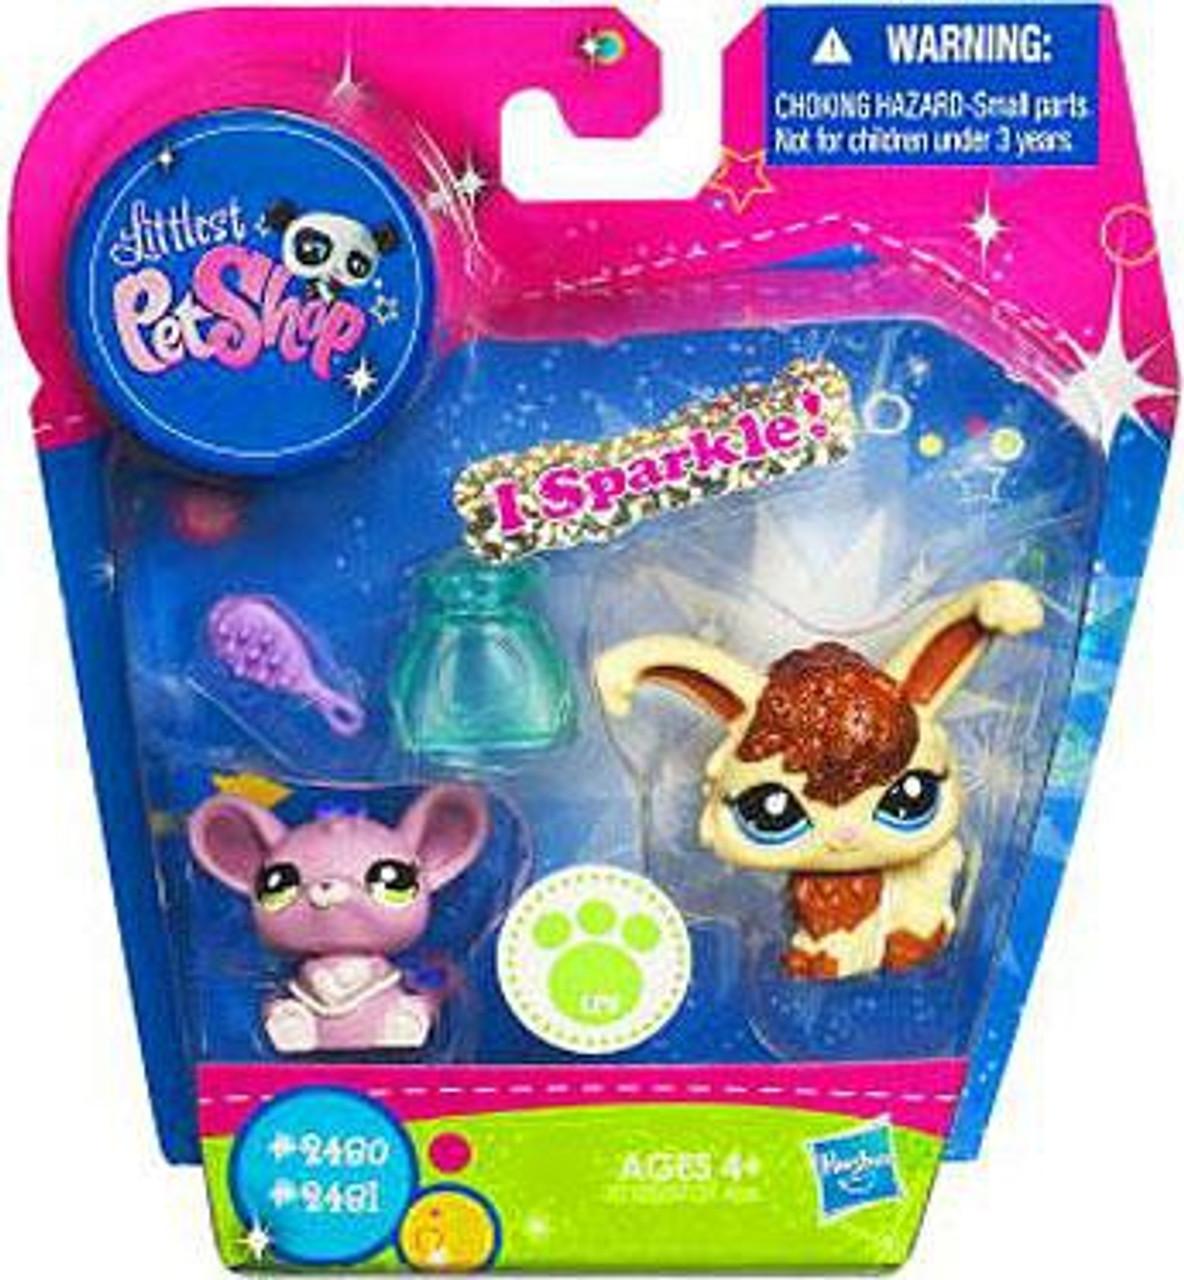 Littlest Pet Shop Angora Bunny & Mouse Exclusive Figure 2-Pack #2480, 2481